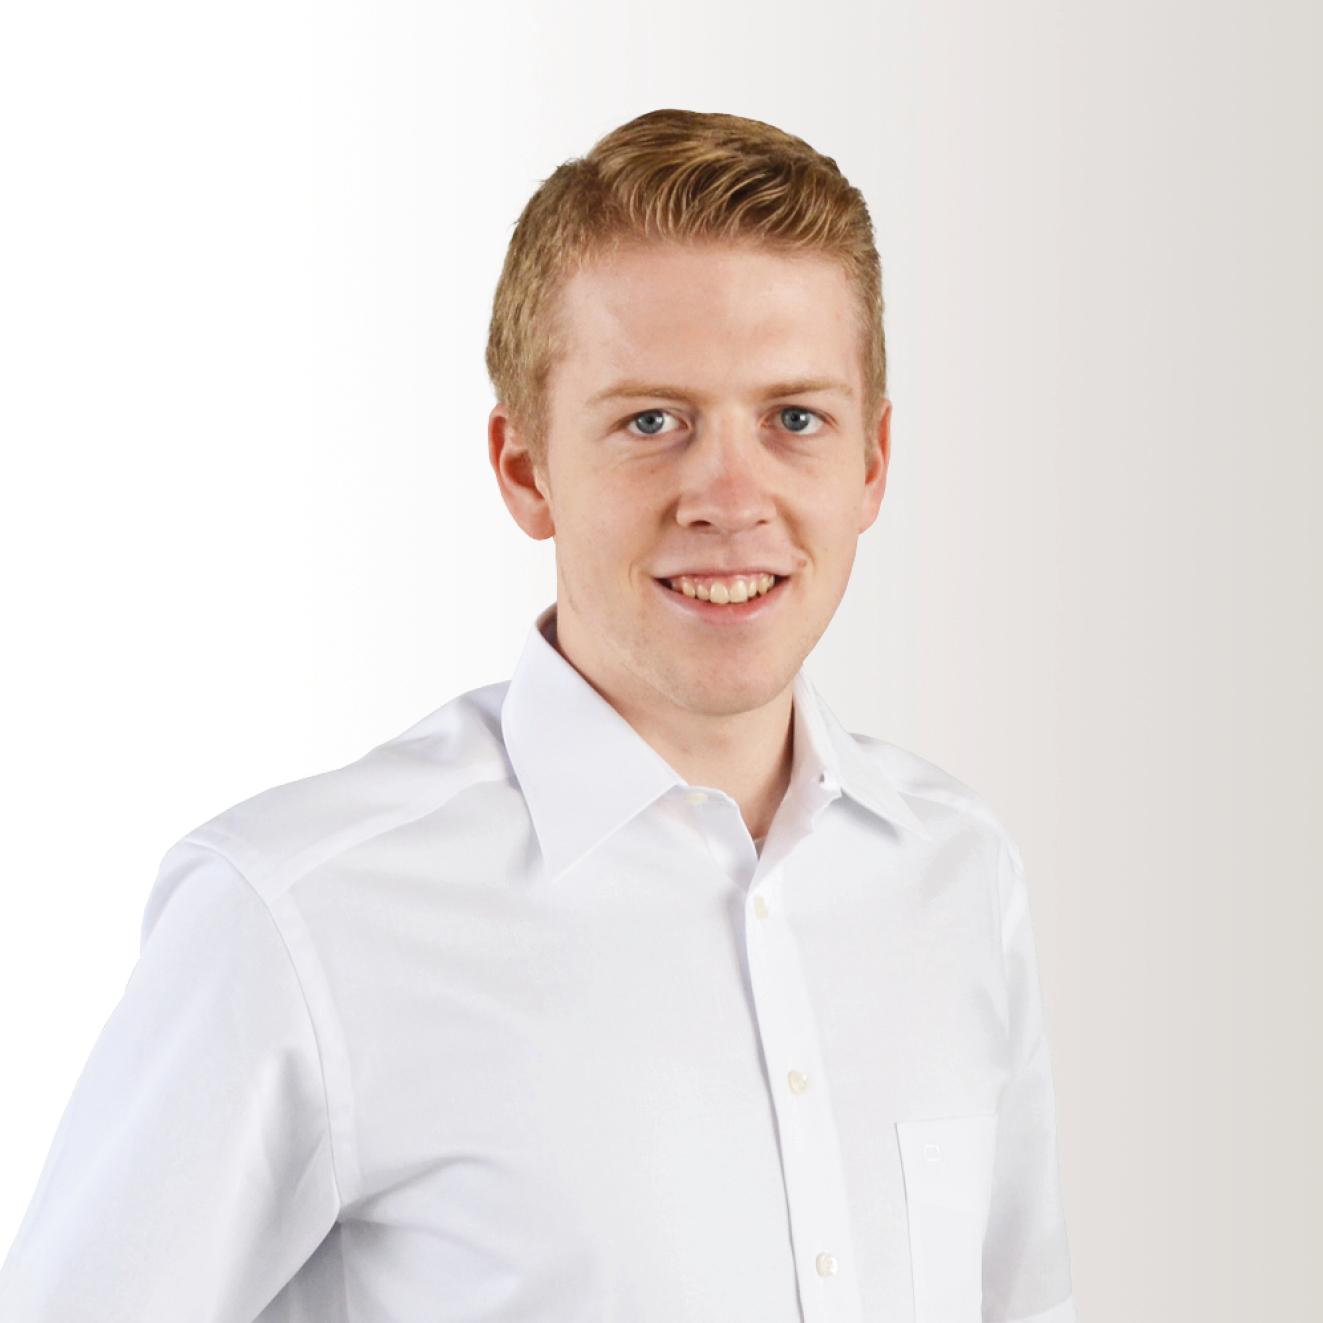 David Flörsch